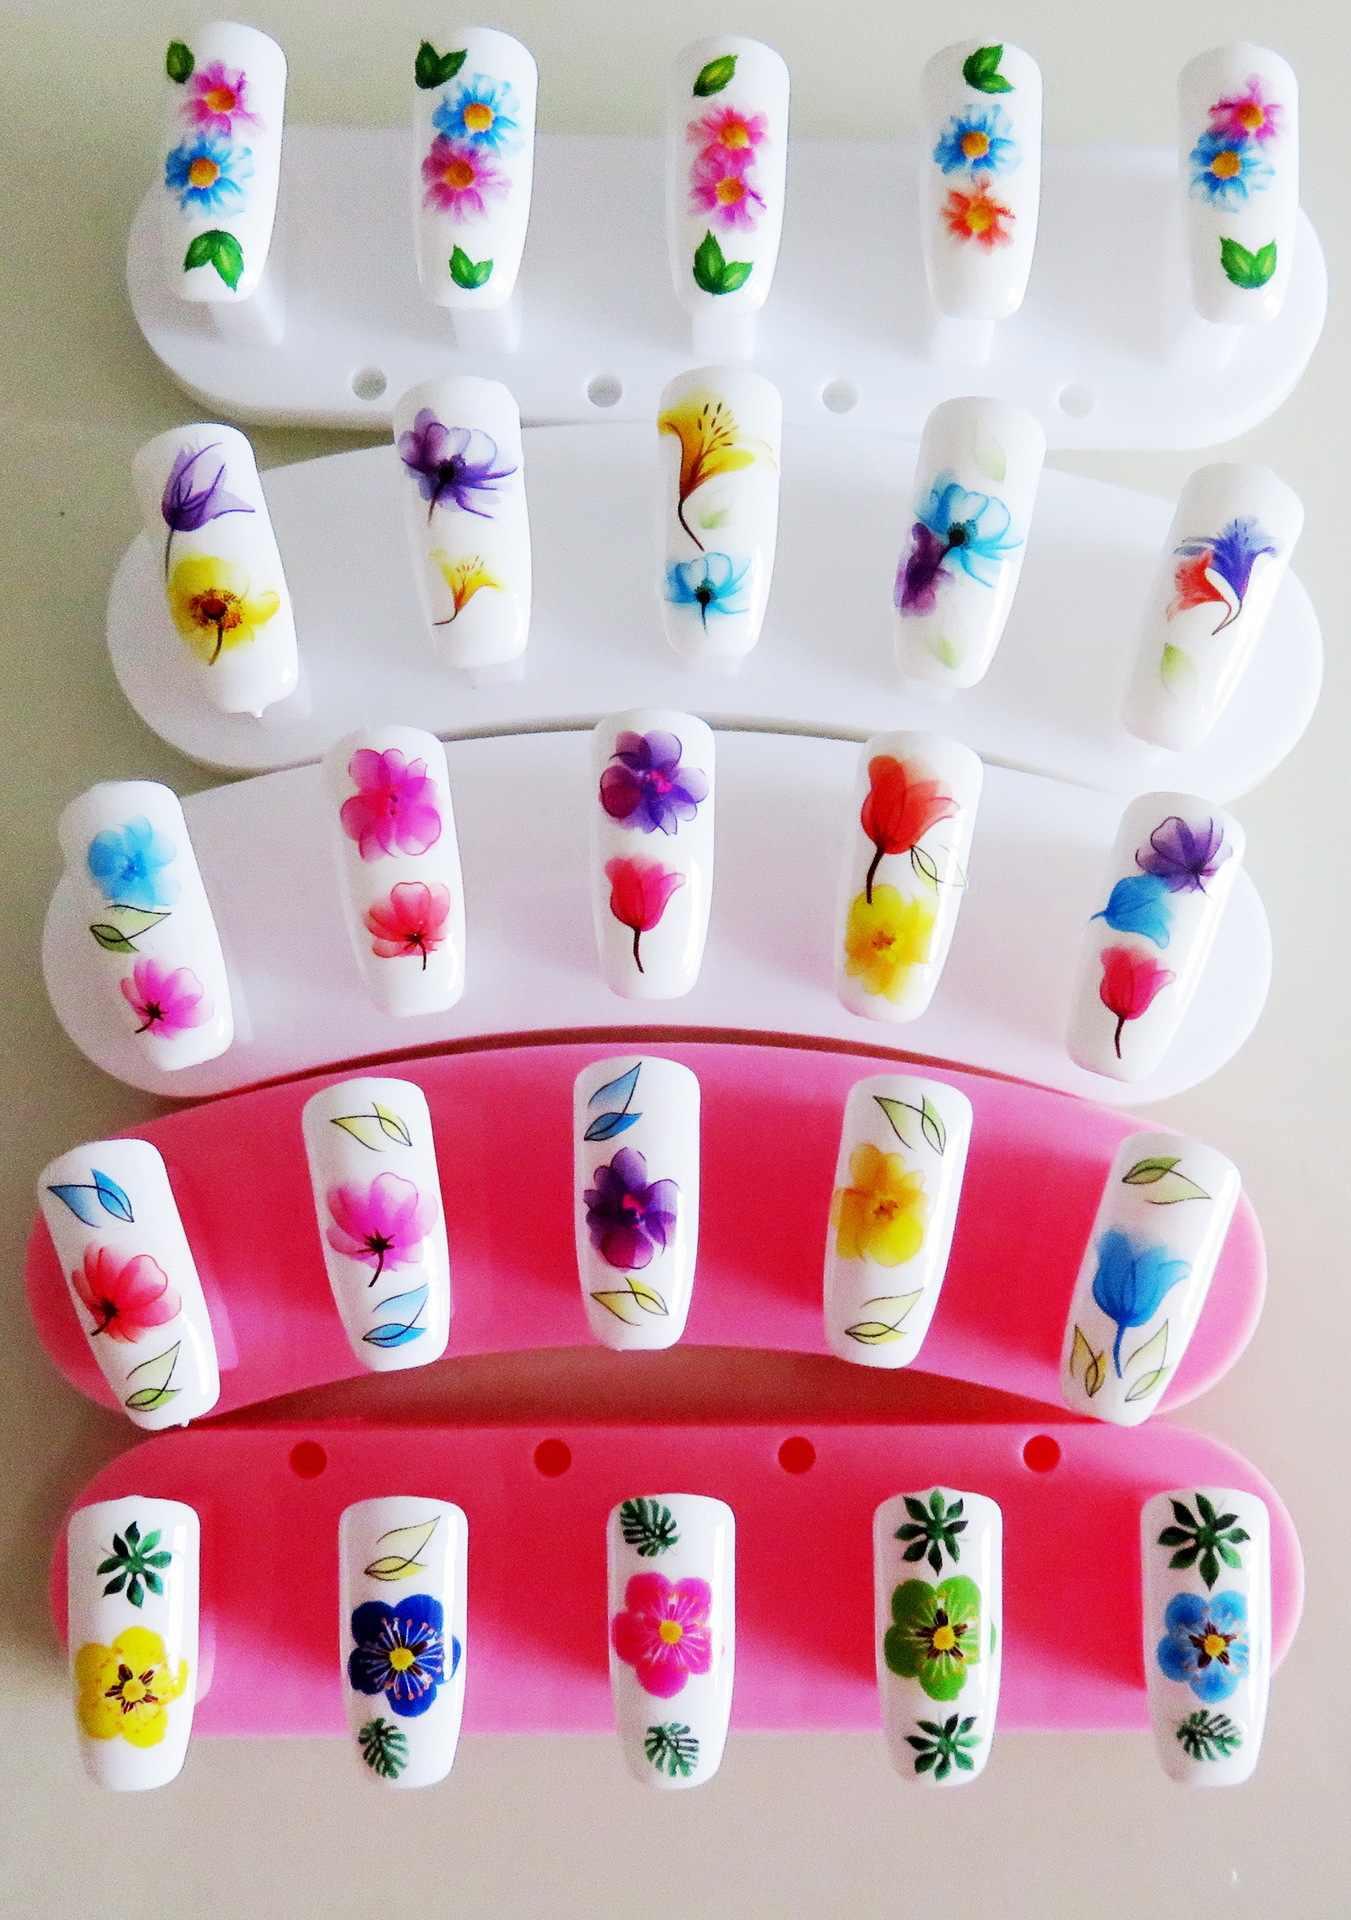 Новые 3D наклейки для ногтей красивый зонт задний клей наклейки для ногтей, дети украшения ногтей инструменты 29